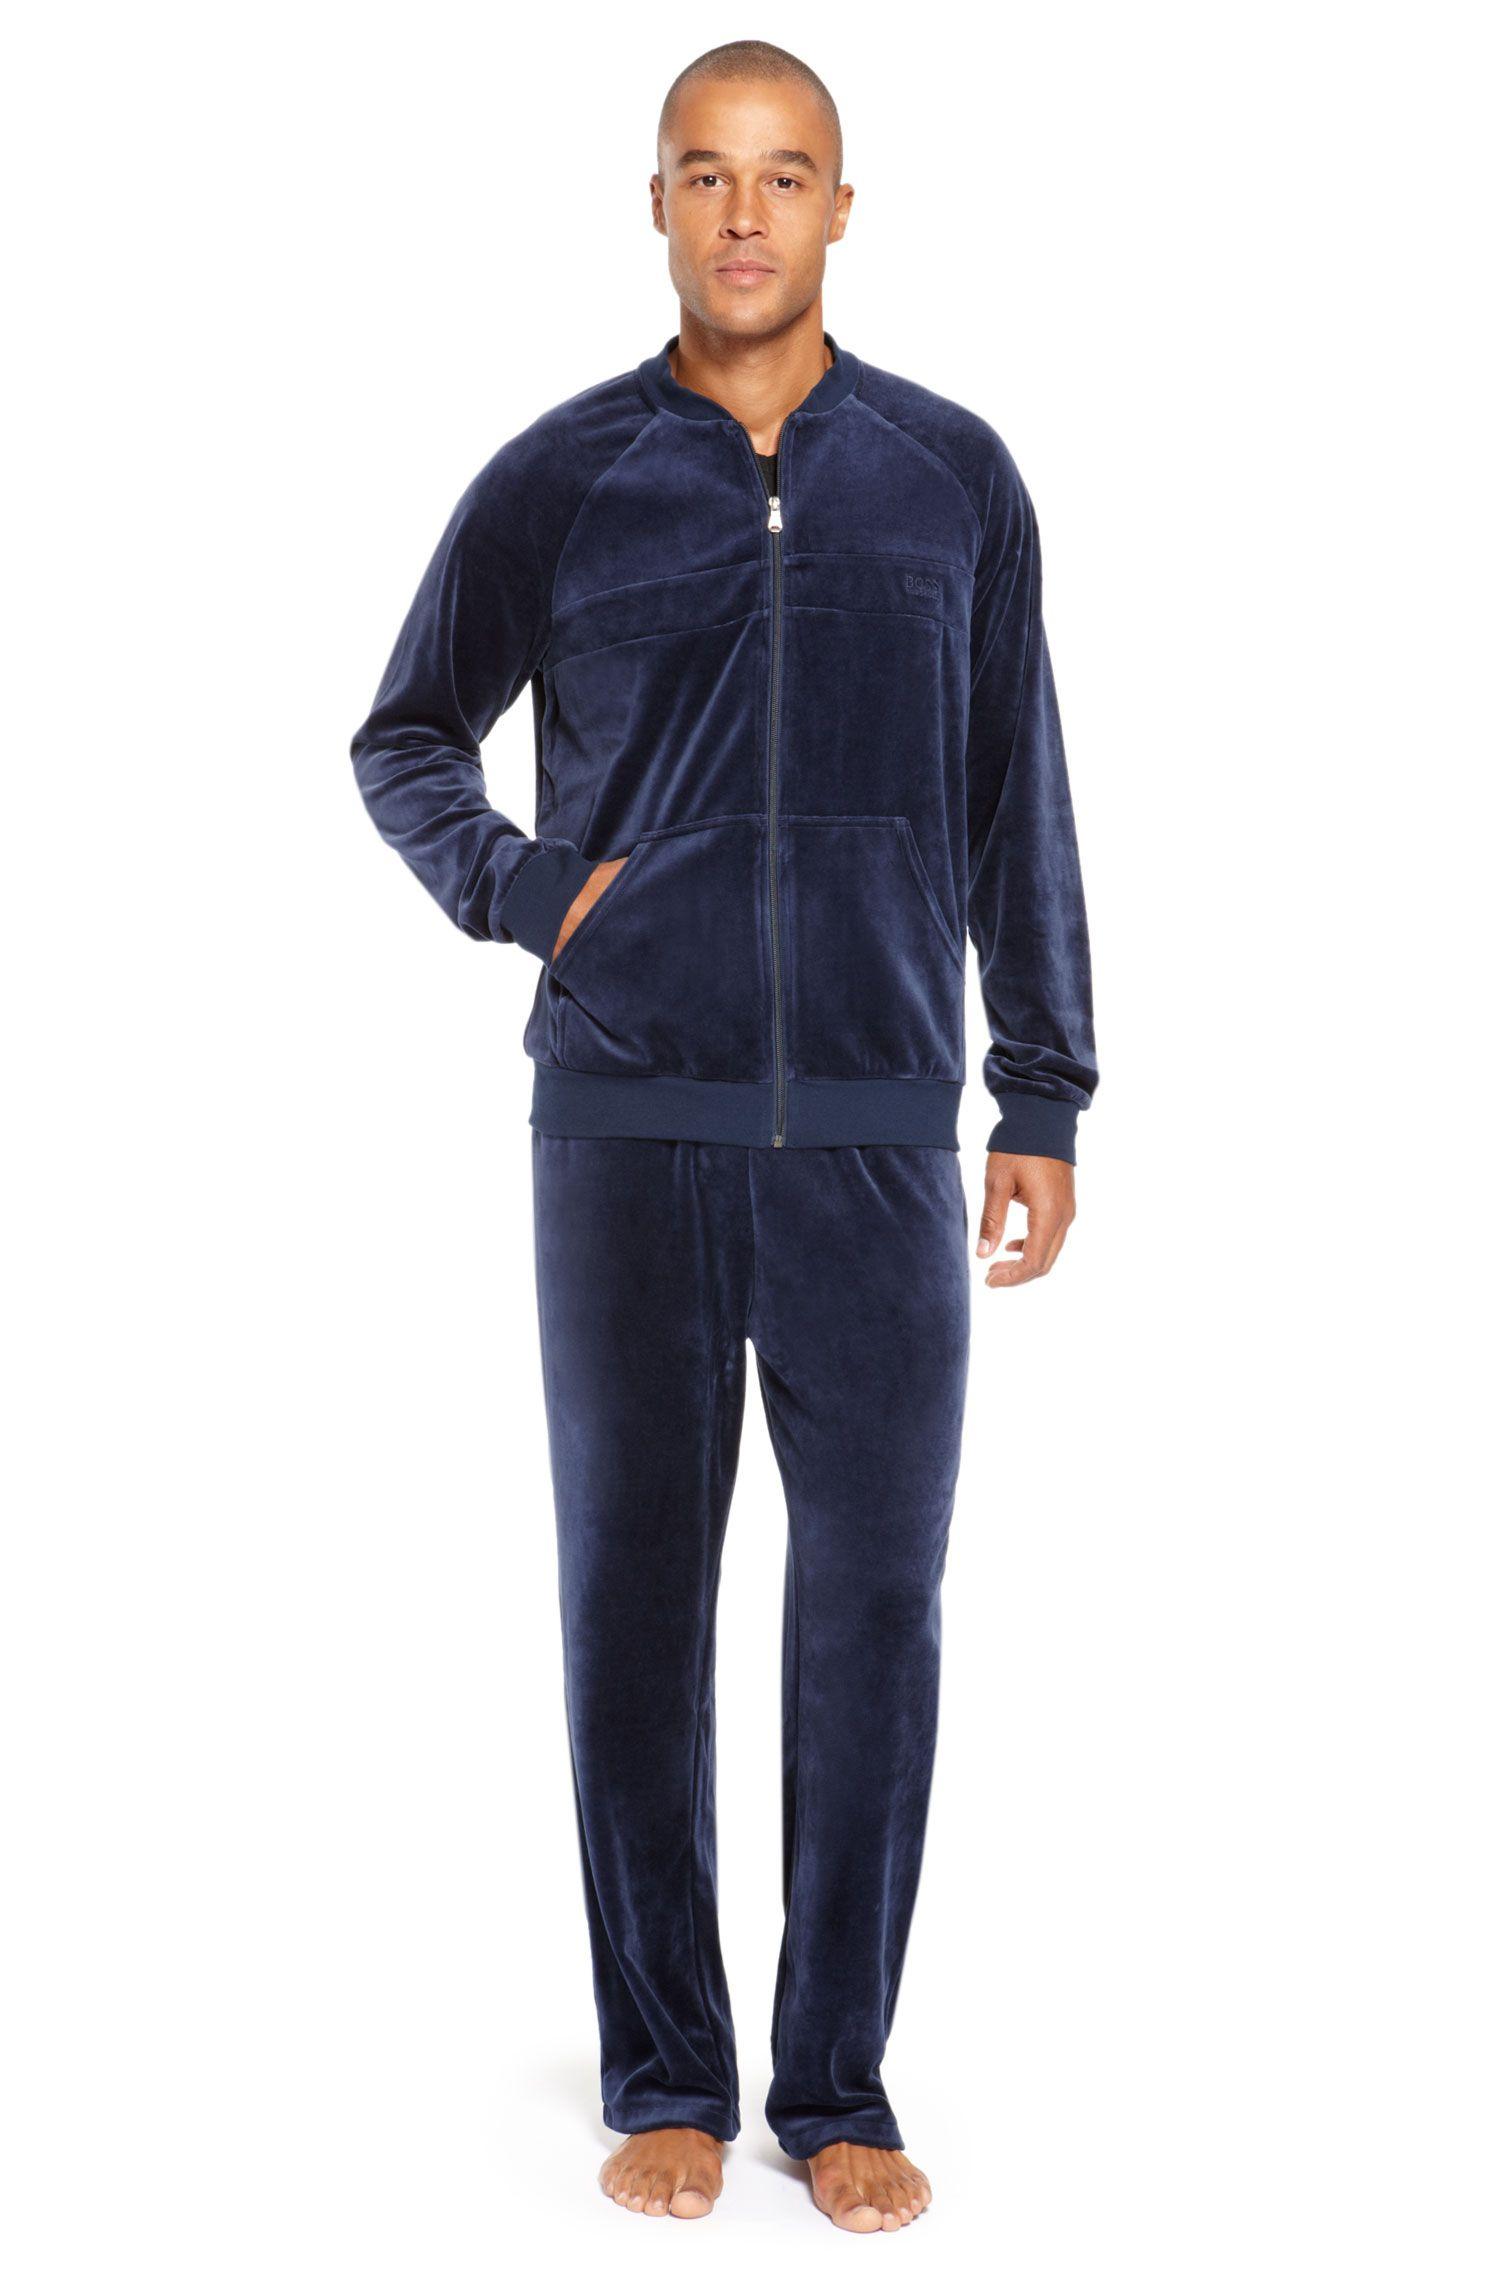 Velour Cotton Blend Sweatshirt & Pants